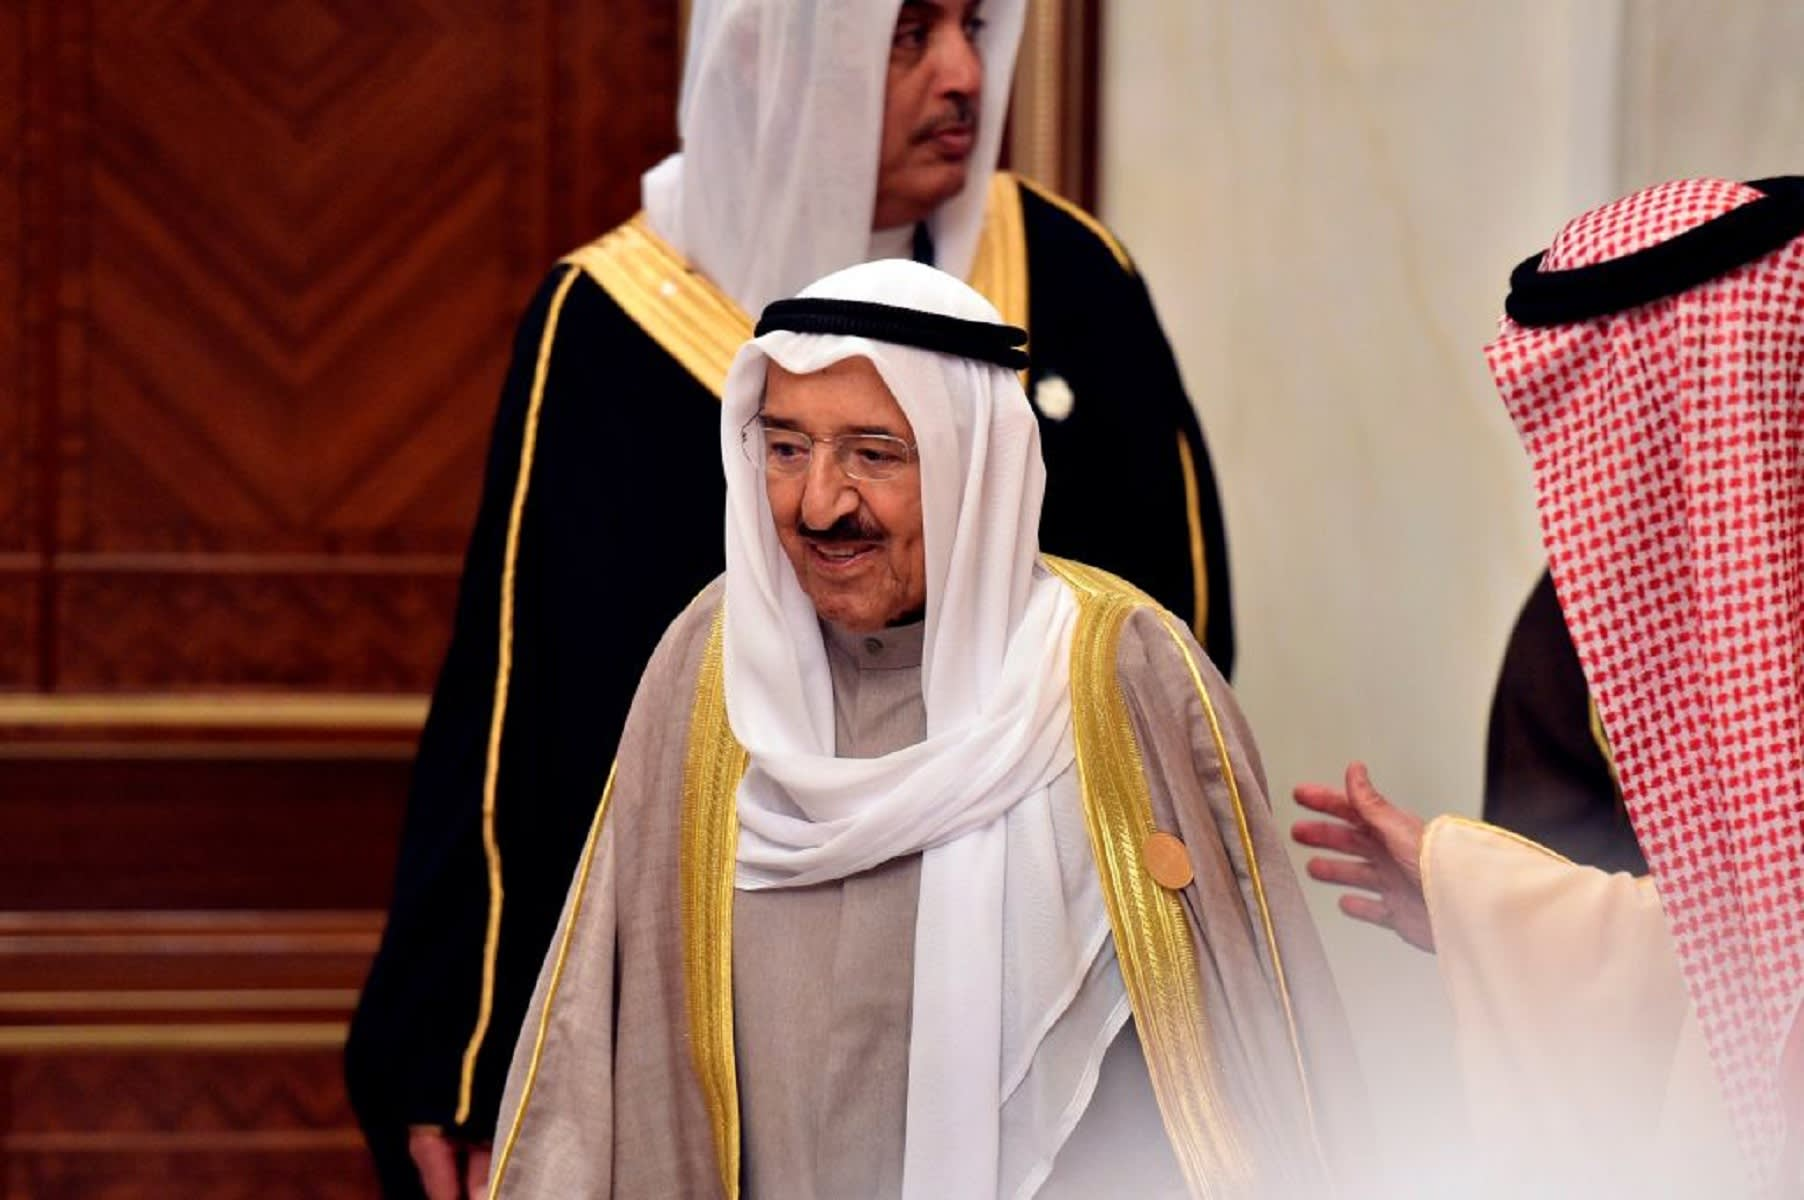 تداول فيديو لأمير الكويت مع علم قطر بالقمة الخليجية في السعودية.. والمريخي يقبل رأسه